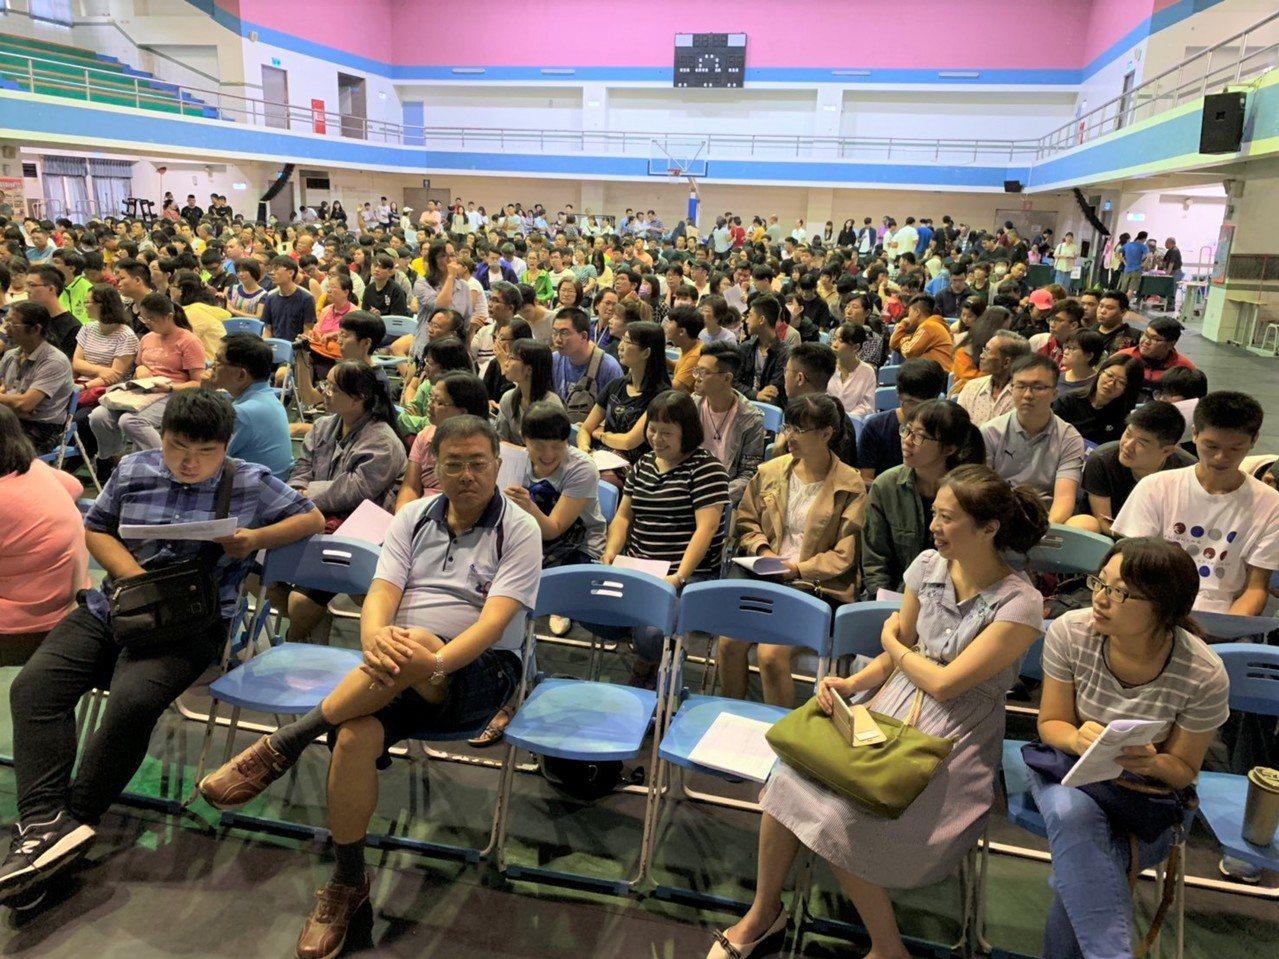 教育部昨天到南榮科大舉辦學生安置說明會,家長和學生擠滿會場。記者吳淑玲/攝影